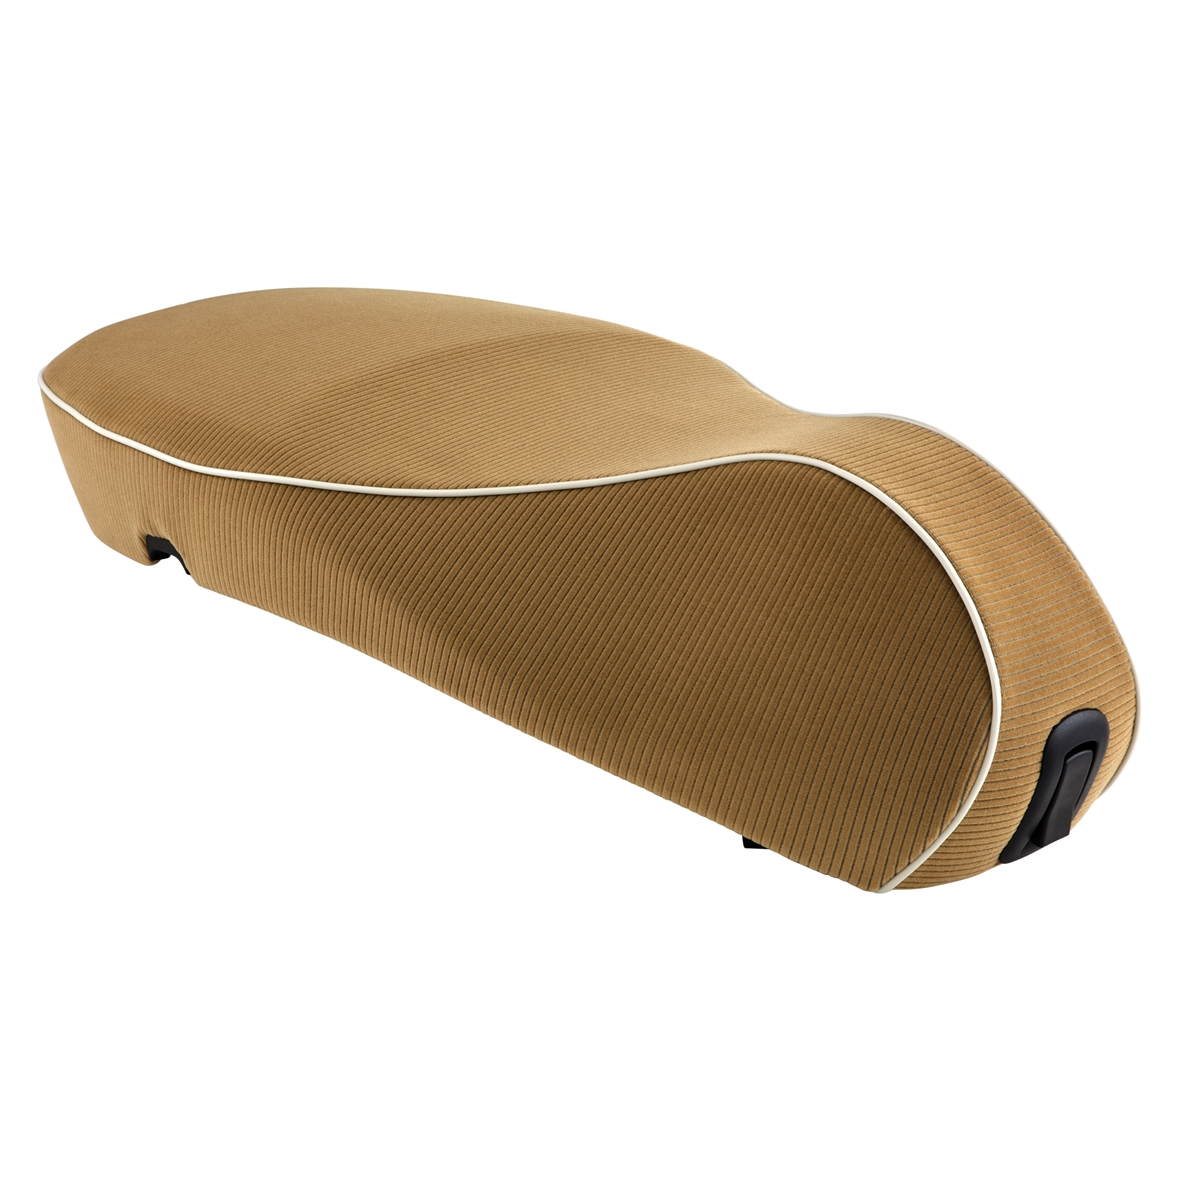 Image du produit 'Selle biplace PIAGGIO'